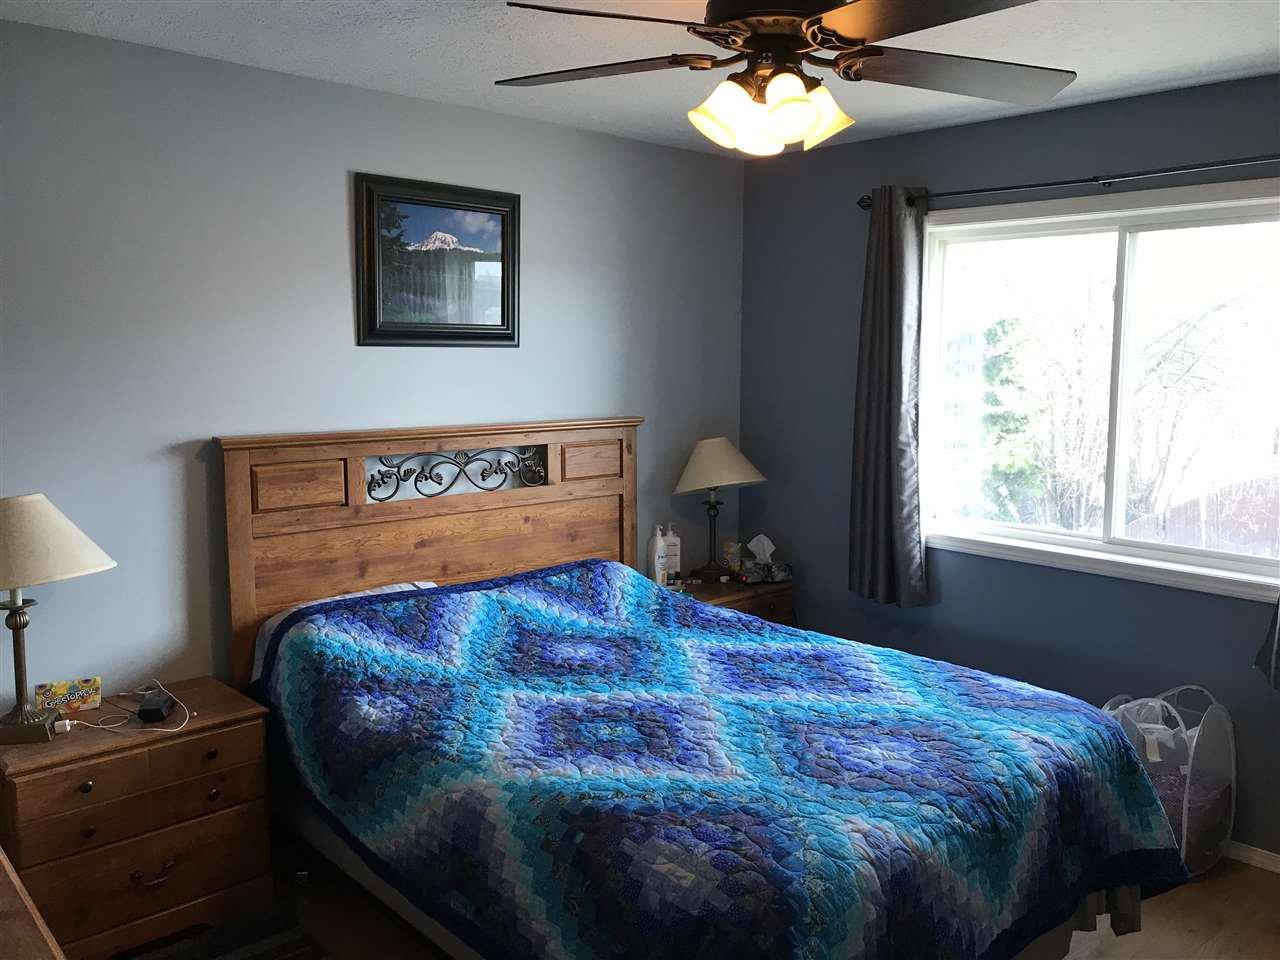 Photo 7: Photos: 10520 89 Street in Fort St. John: Fort St. John - City NE House for sale (Fort St. John (Zone 60))  : MLS®# R2362521